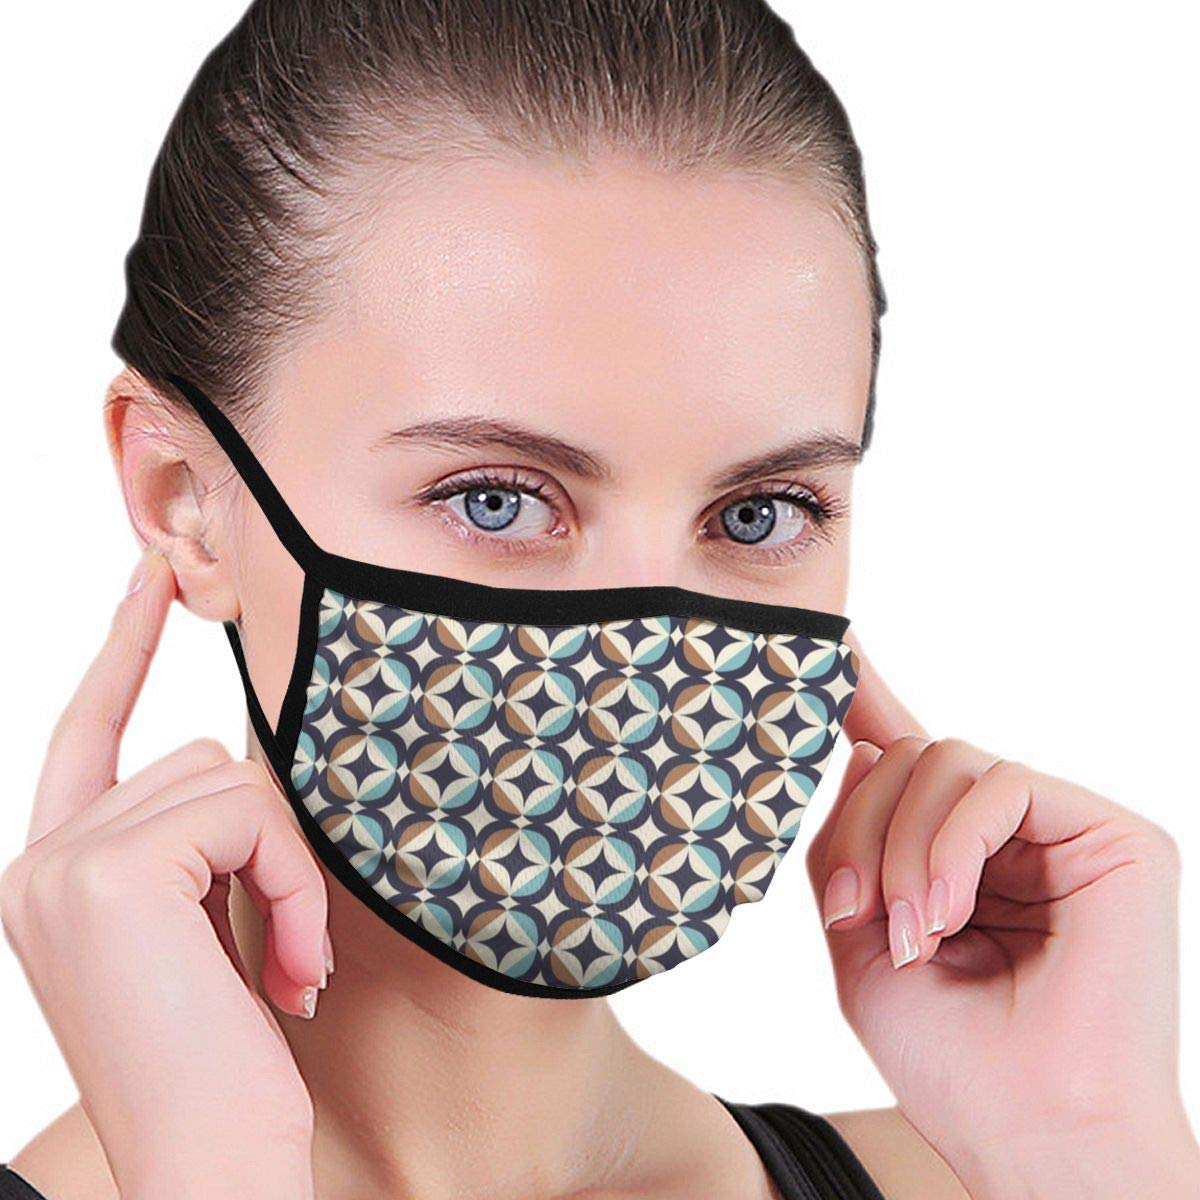 Máscara de protección contra Virus, diseño Retro sin Costuras, Estilo escandinavo, con Elementos geométricos para protección antivirus y Salud Personal, Antipolvo, m